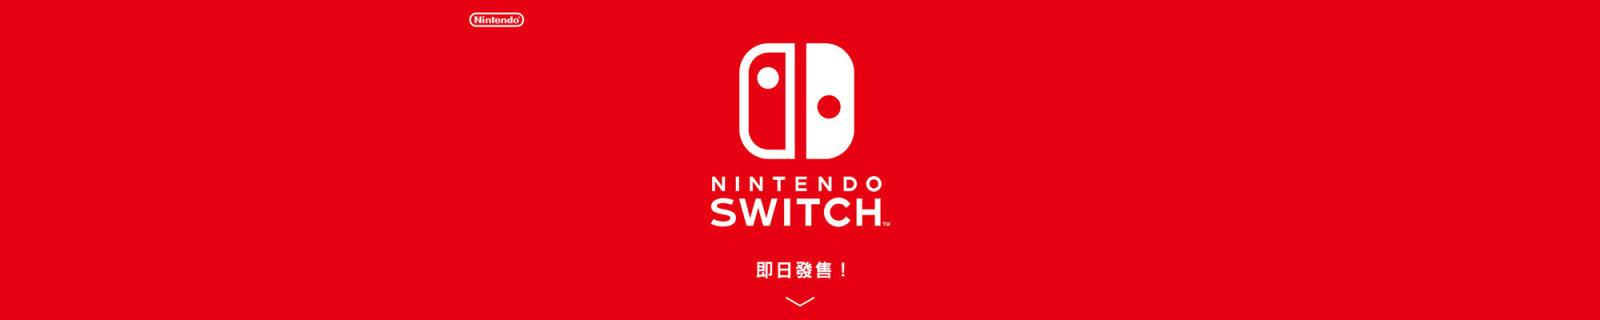 任天堂香港将于2019年春季推出会员服务